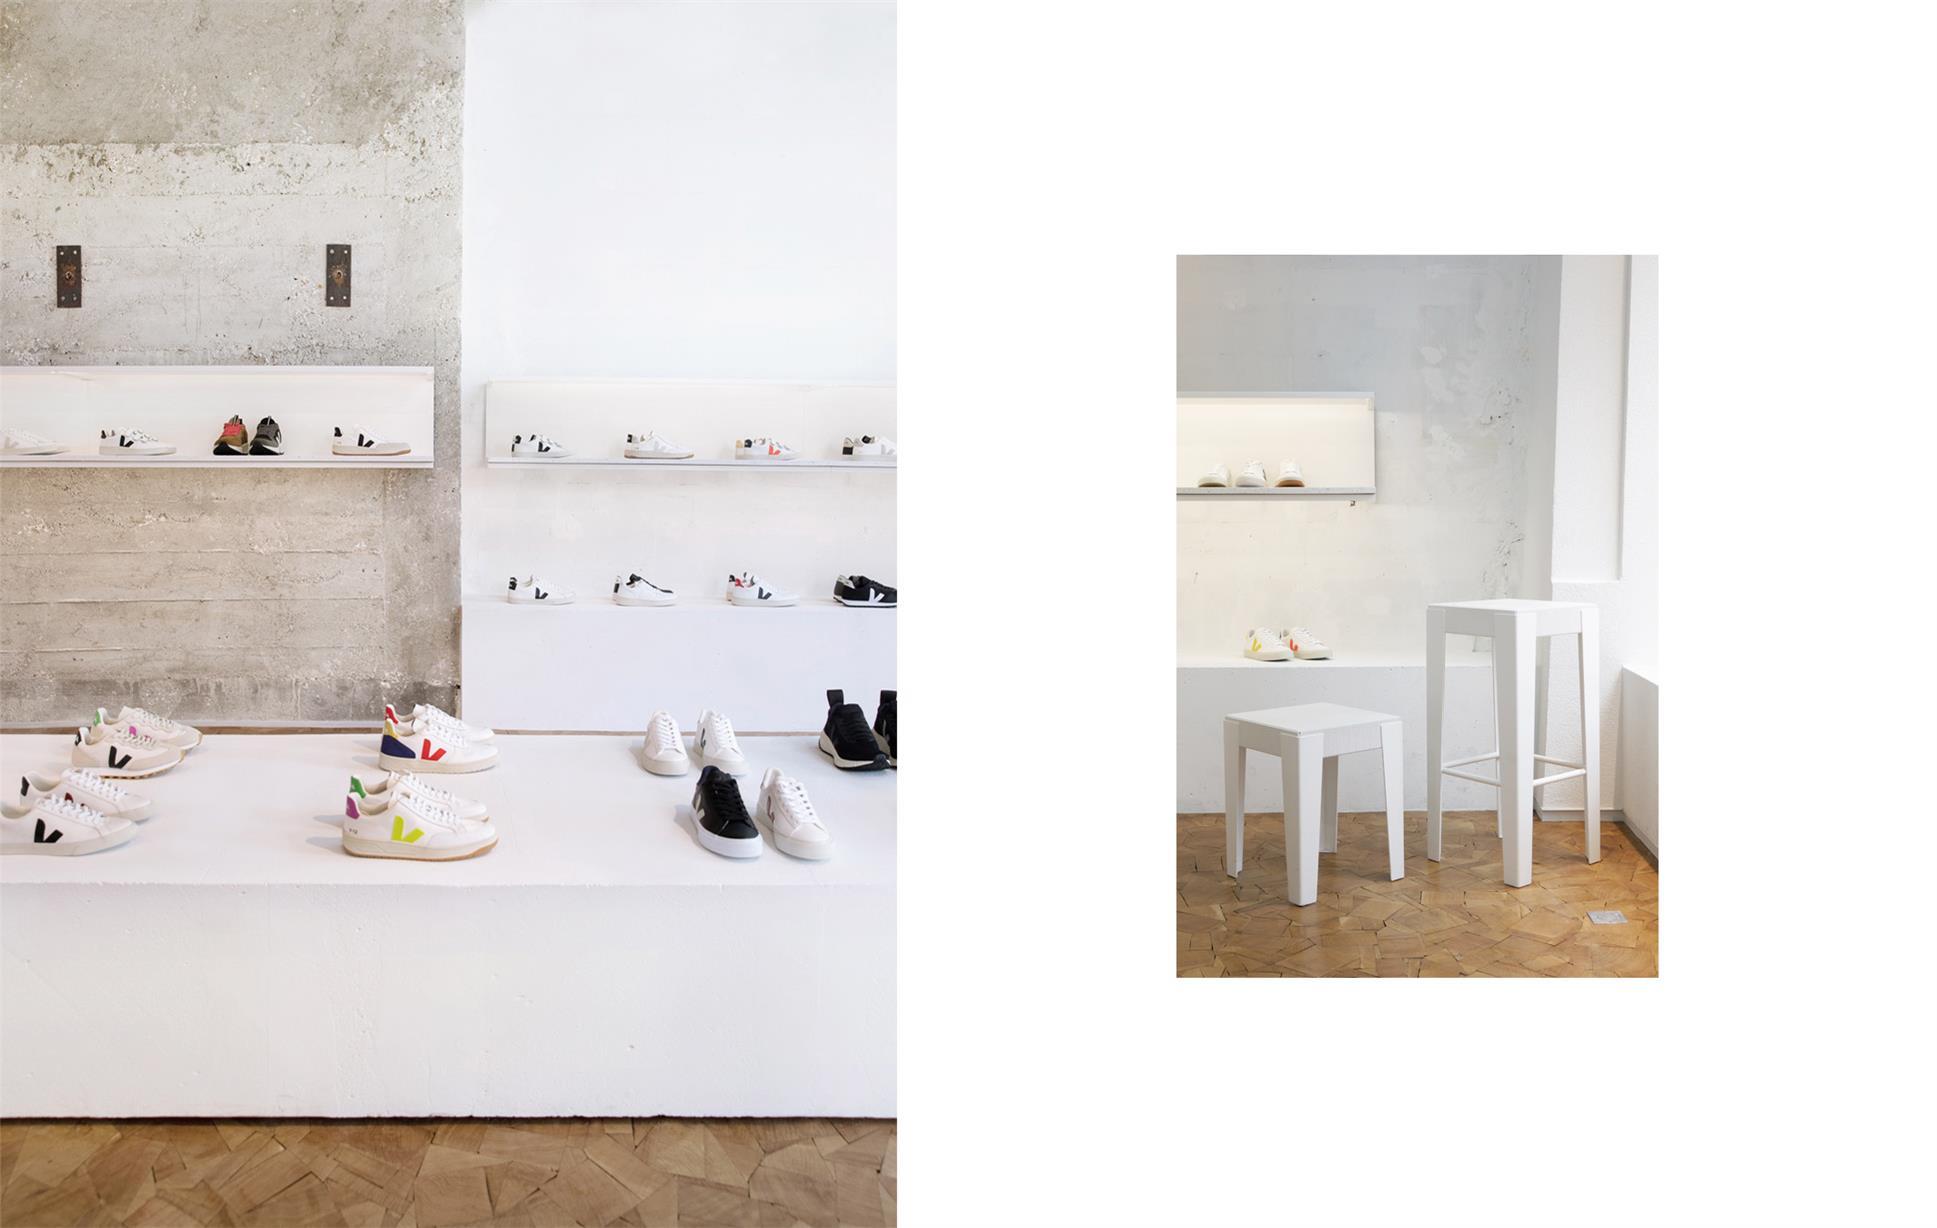 鞋店展示柜和家具设计